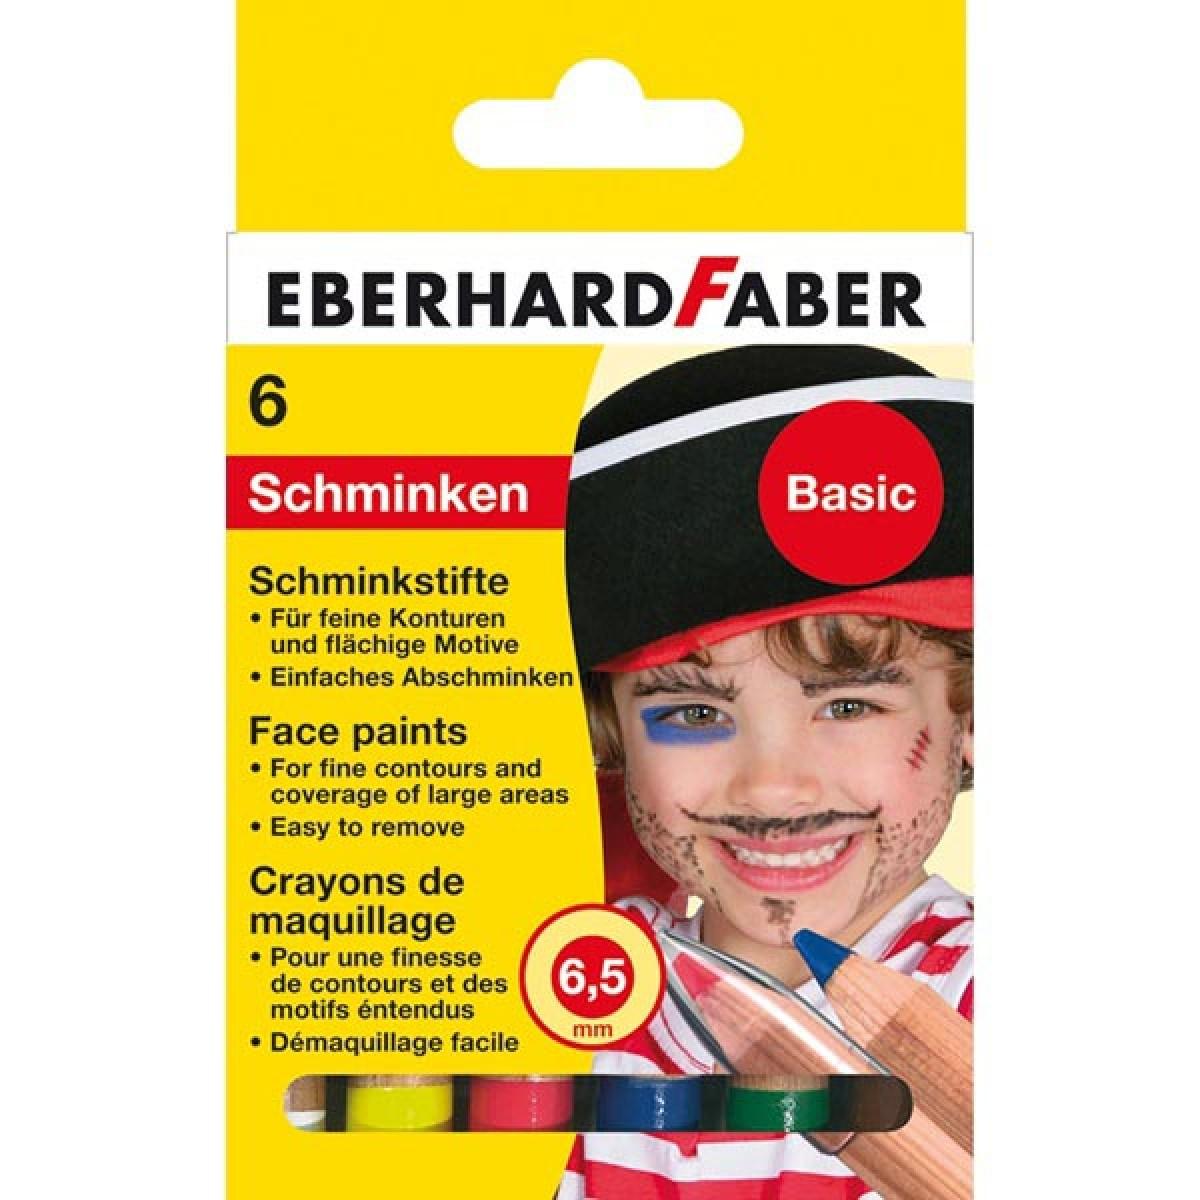 Eberhard Faber Μολύβια 6.5mm Για Το Πρόσωπο Basic (6 Τεμ.) Μπογιές για πρόσωπο